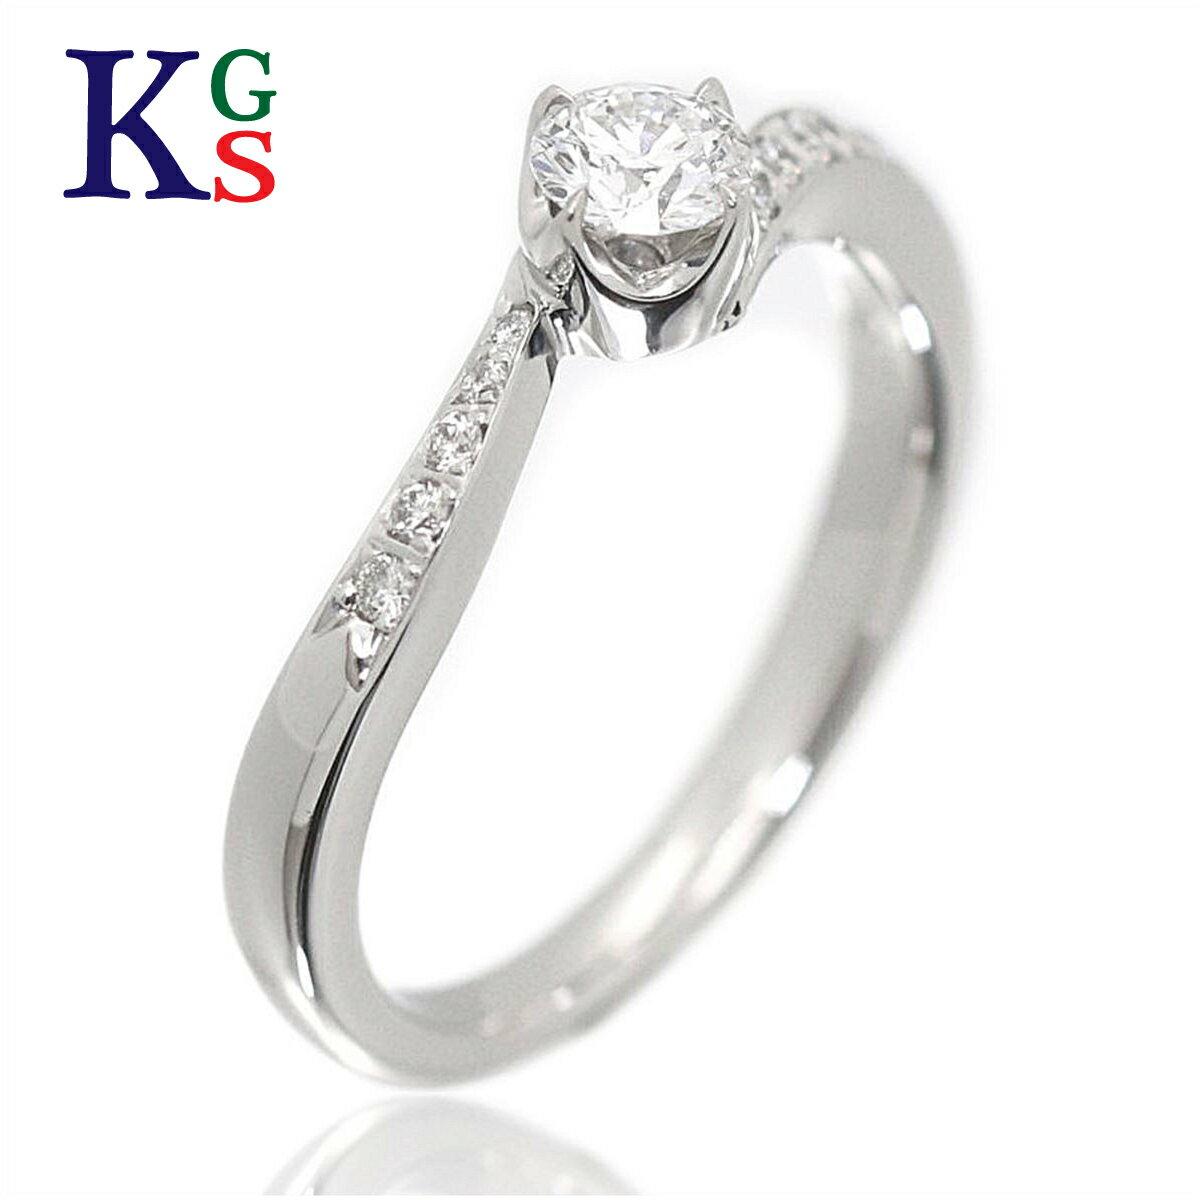 【新古品】【母の日 プレゼント】【0.226ct】ヨンドシー/4℃ アクアニティ ソリティア エンゲージリング 指輪 Pt950 ダイヤモンド プラチナ